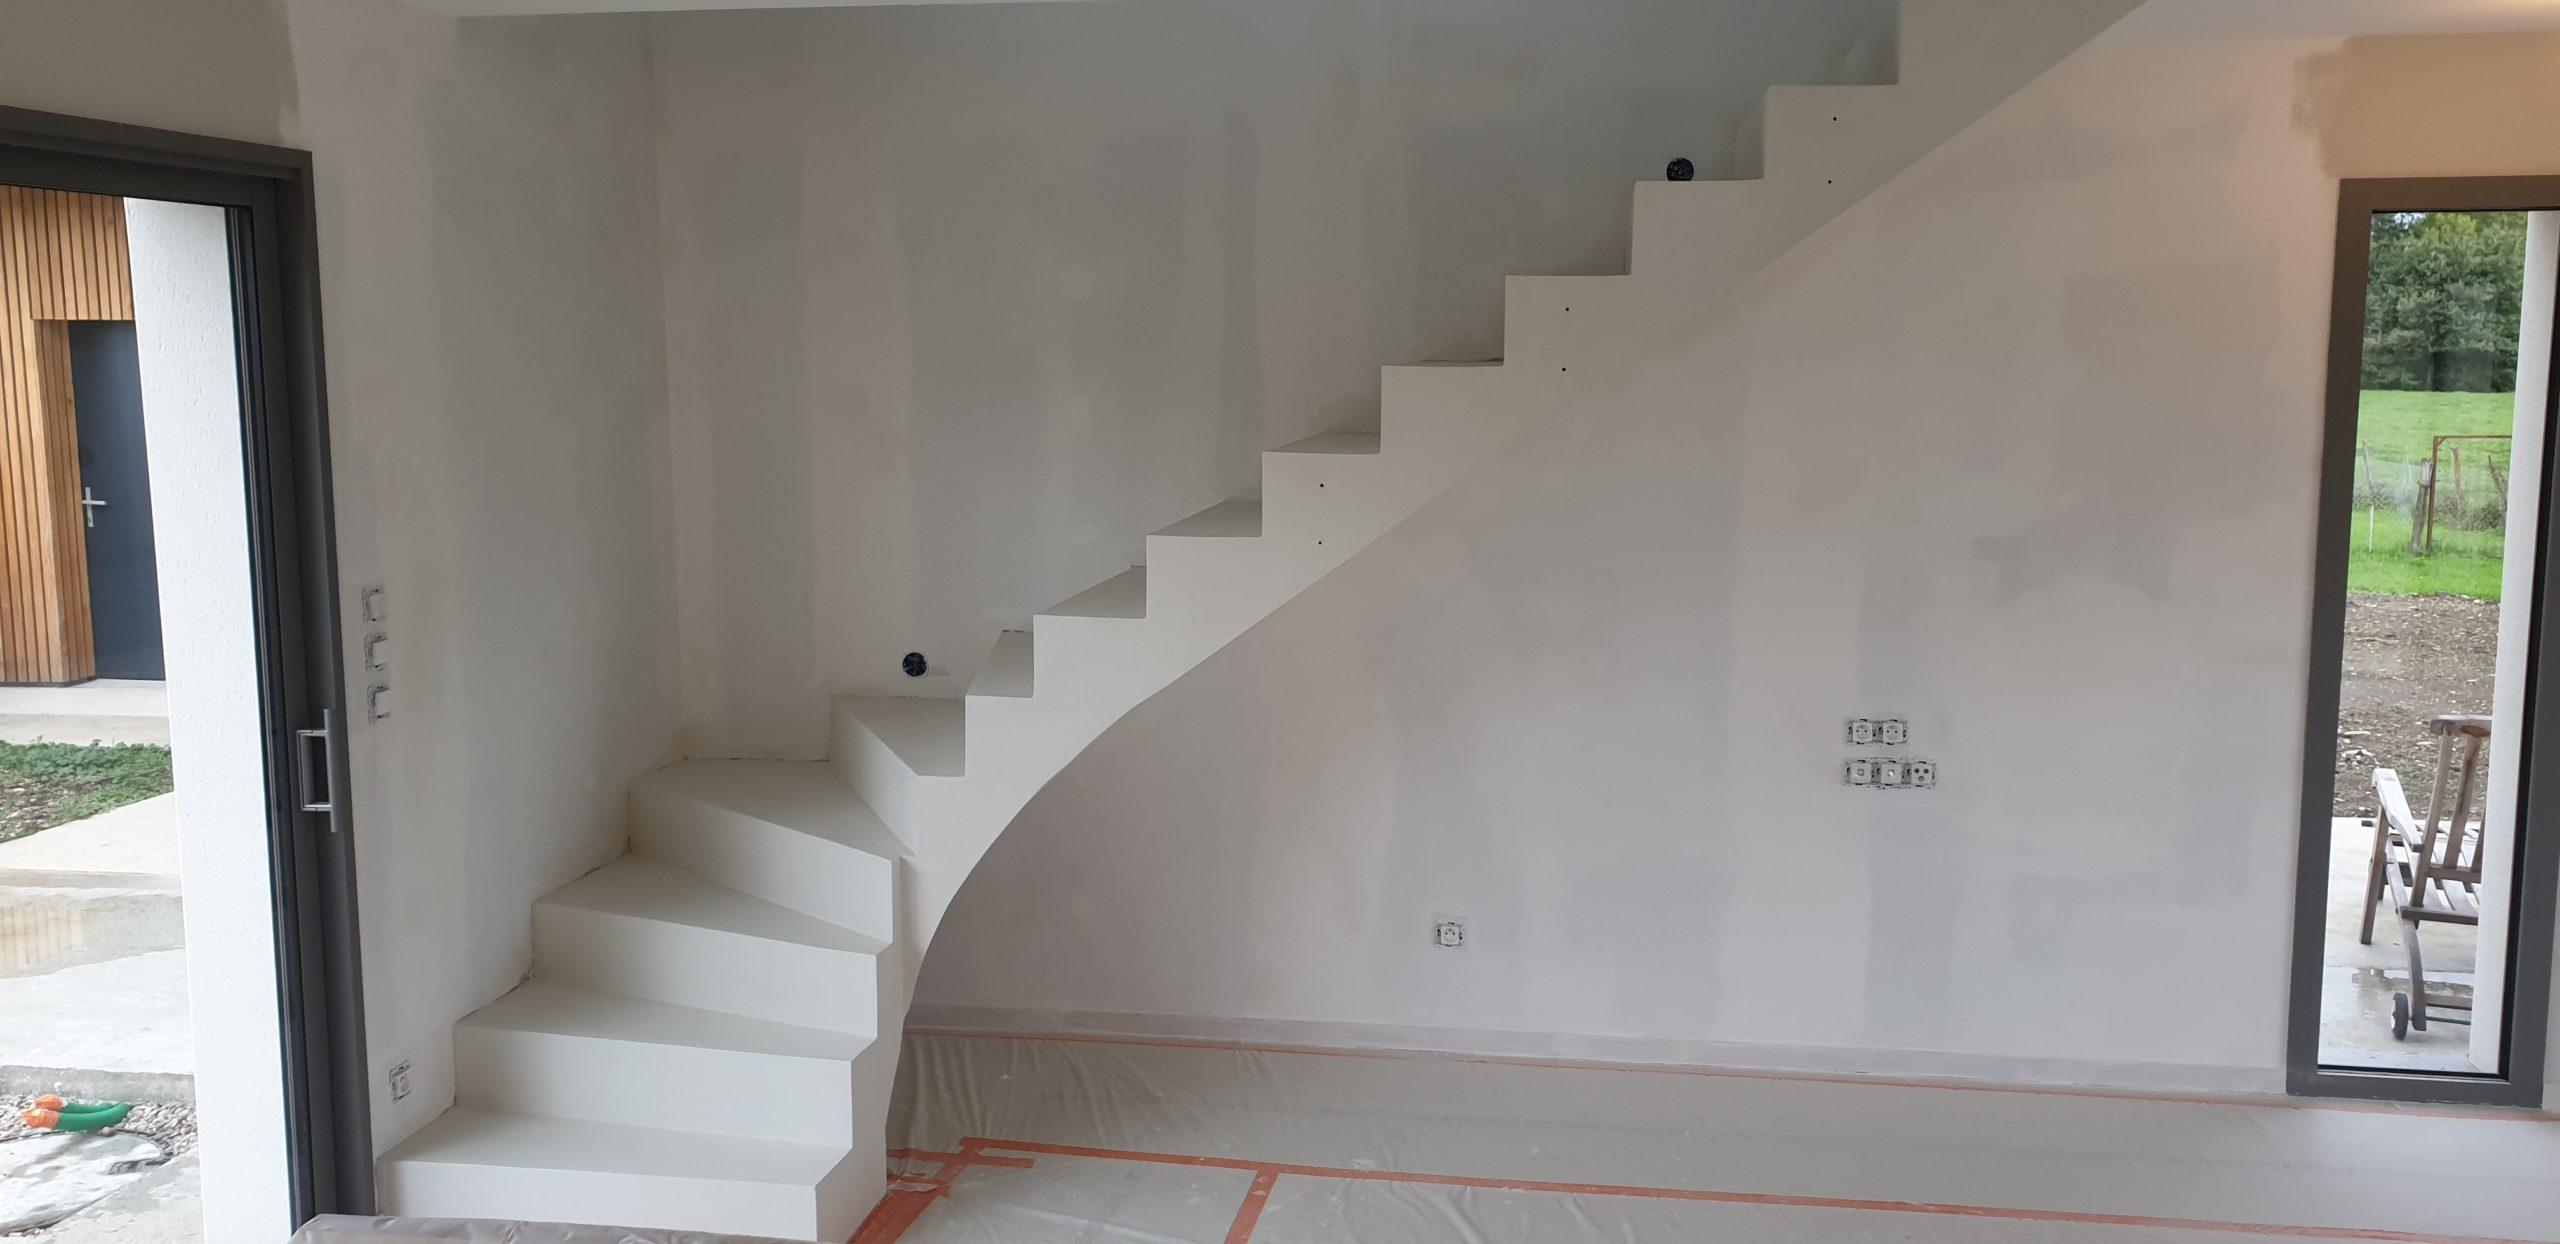 Escalier béton avec un habillage béton ciré blanc crème sur toute sa surface